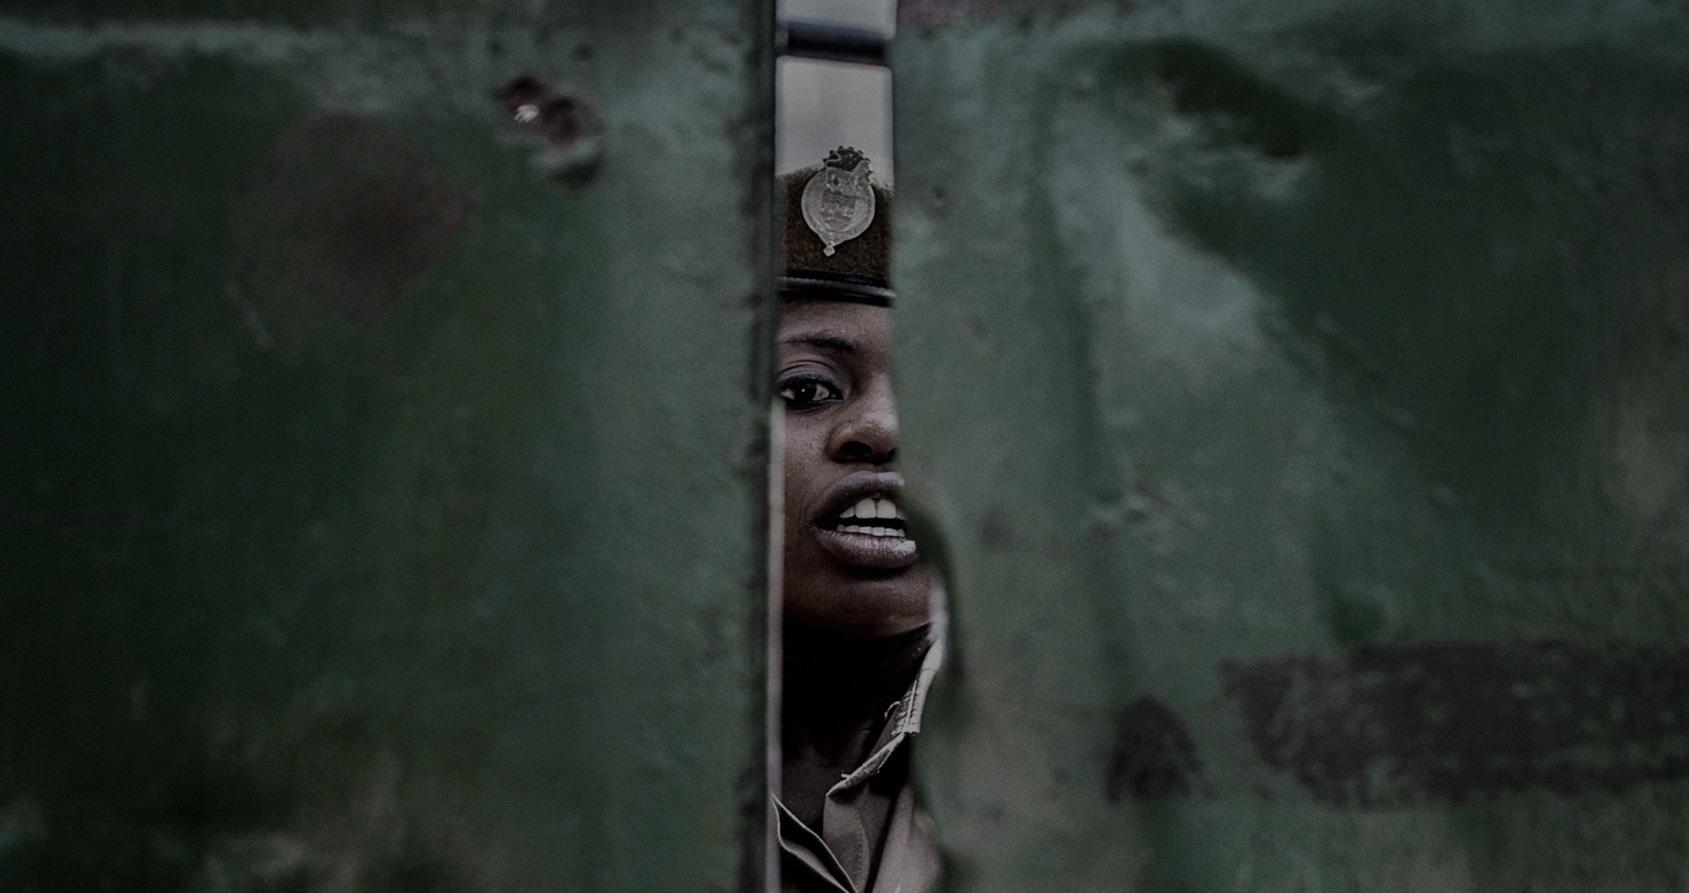 Chasse aux vampires : pourquoi des gens sont-ils lynchés au Malawi ?